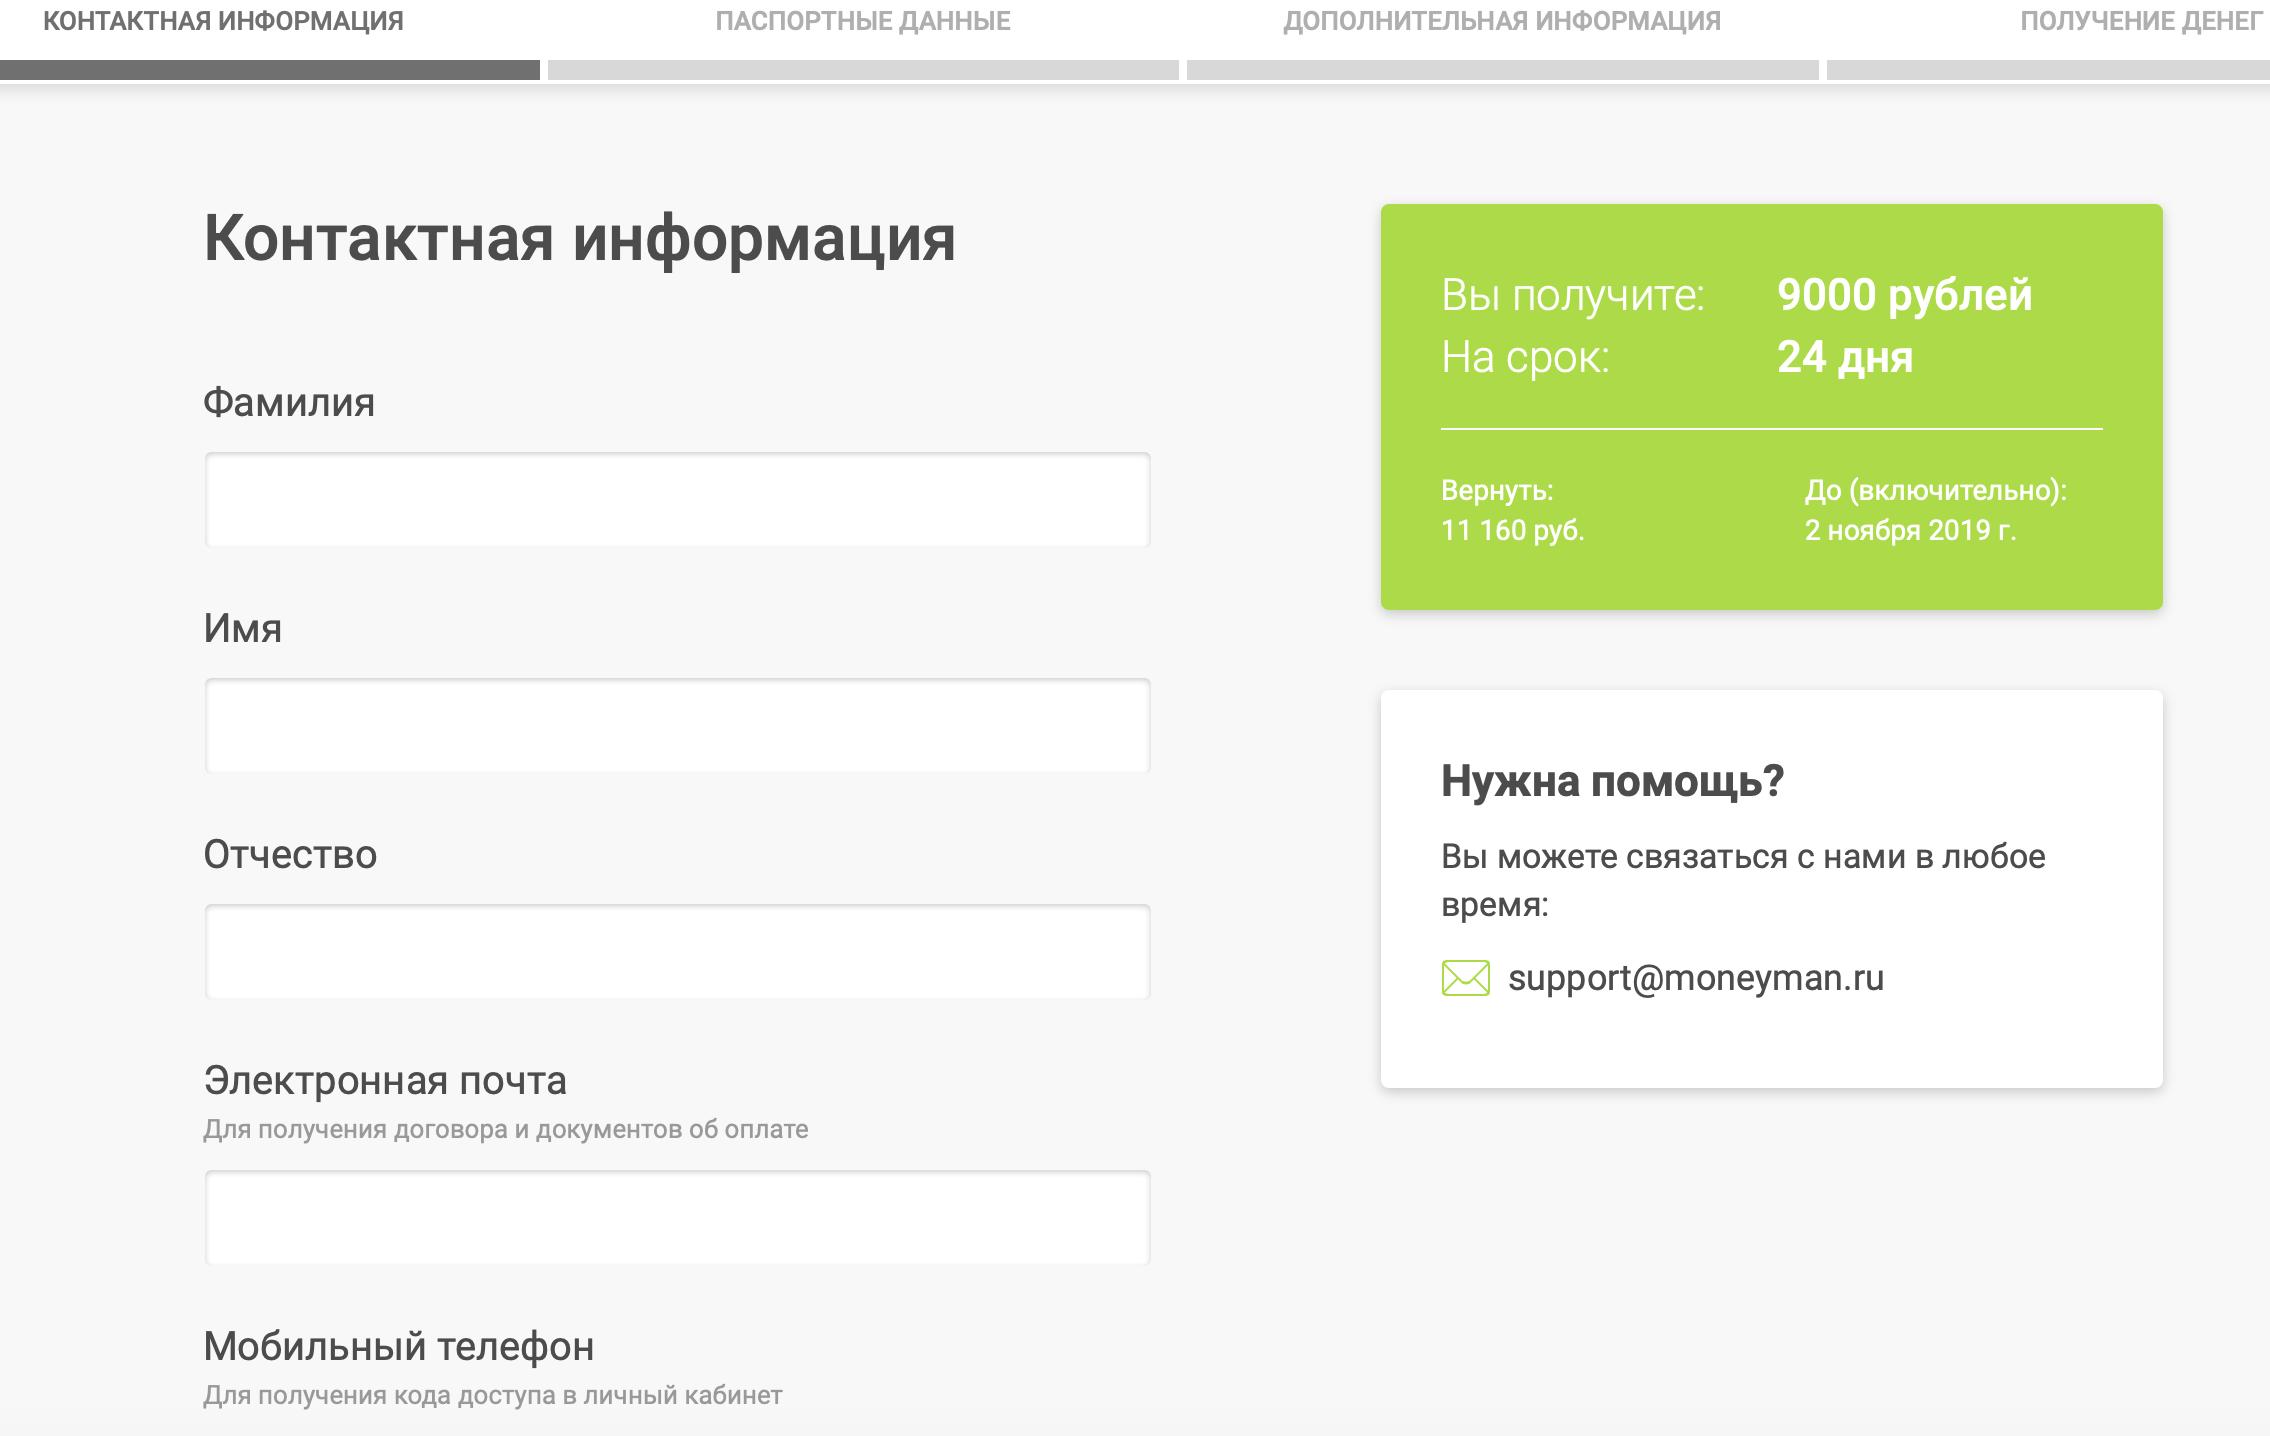 Заполнение онлайн заявки